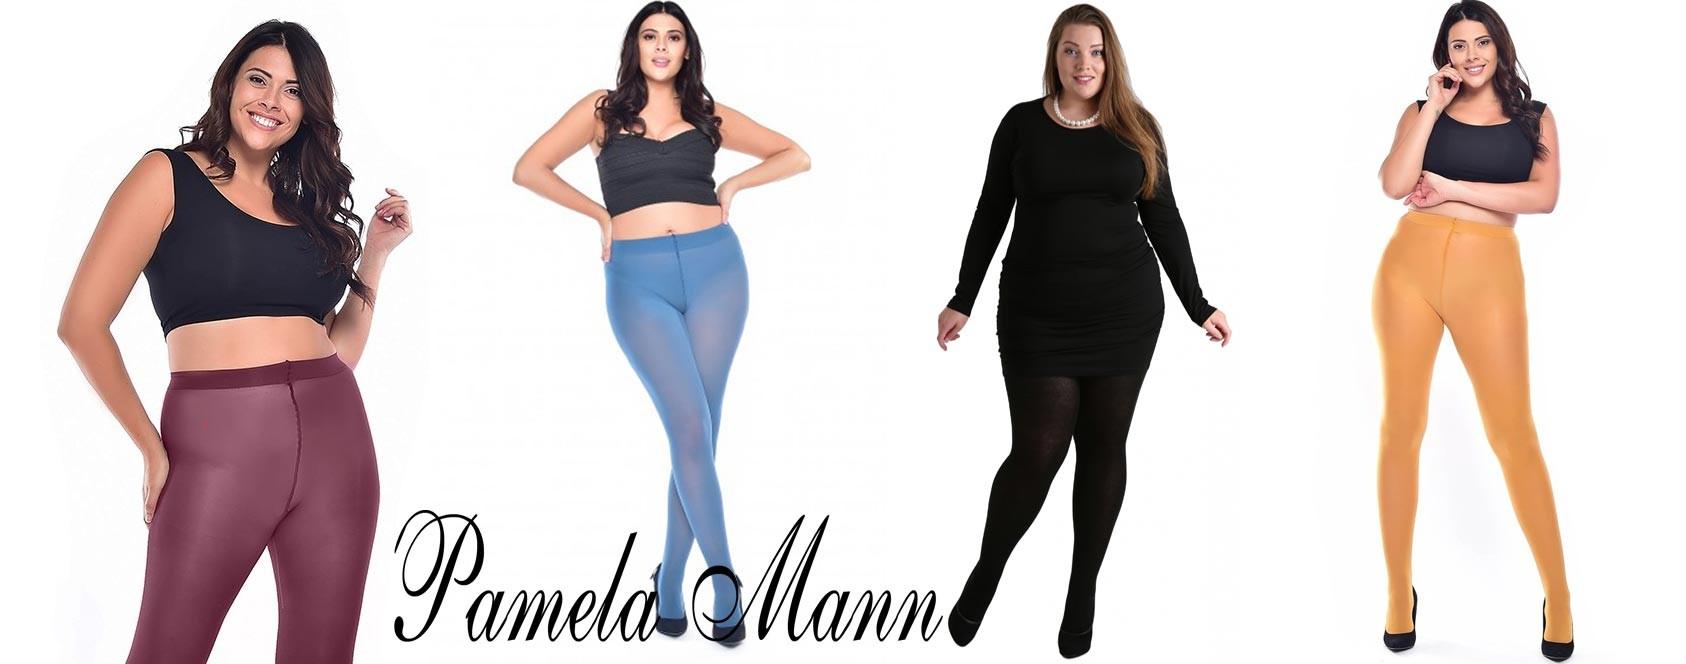 Les collants opaques grande taille de Pamela Mann sur collant.fr